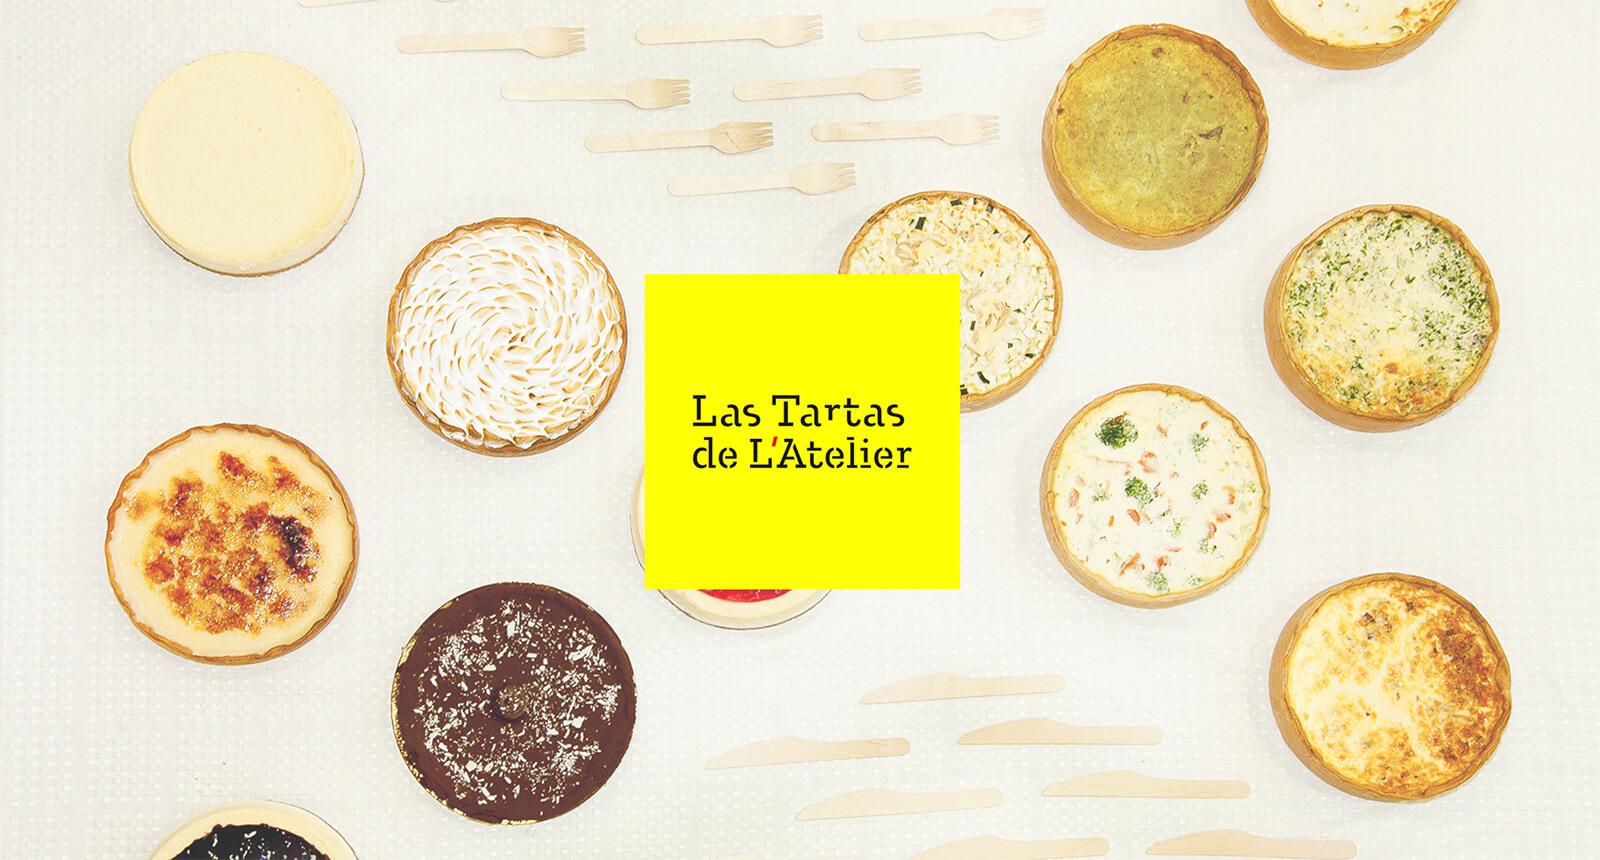 Las Tartas de L'atelier